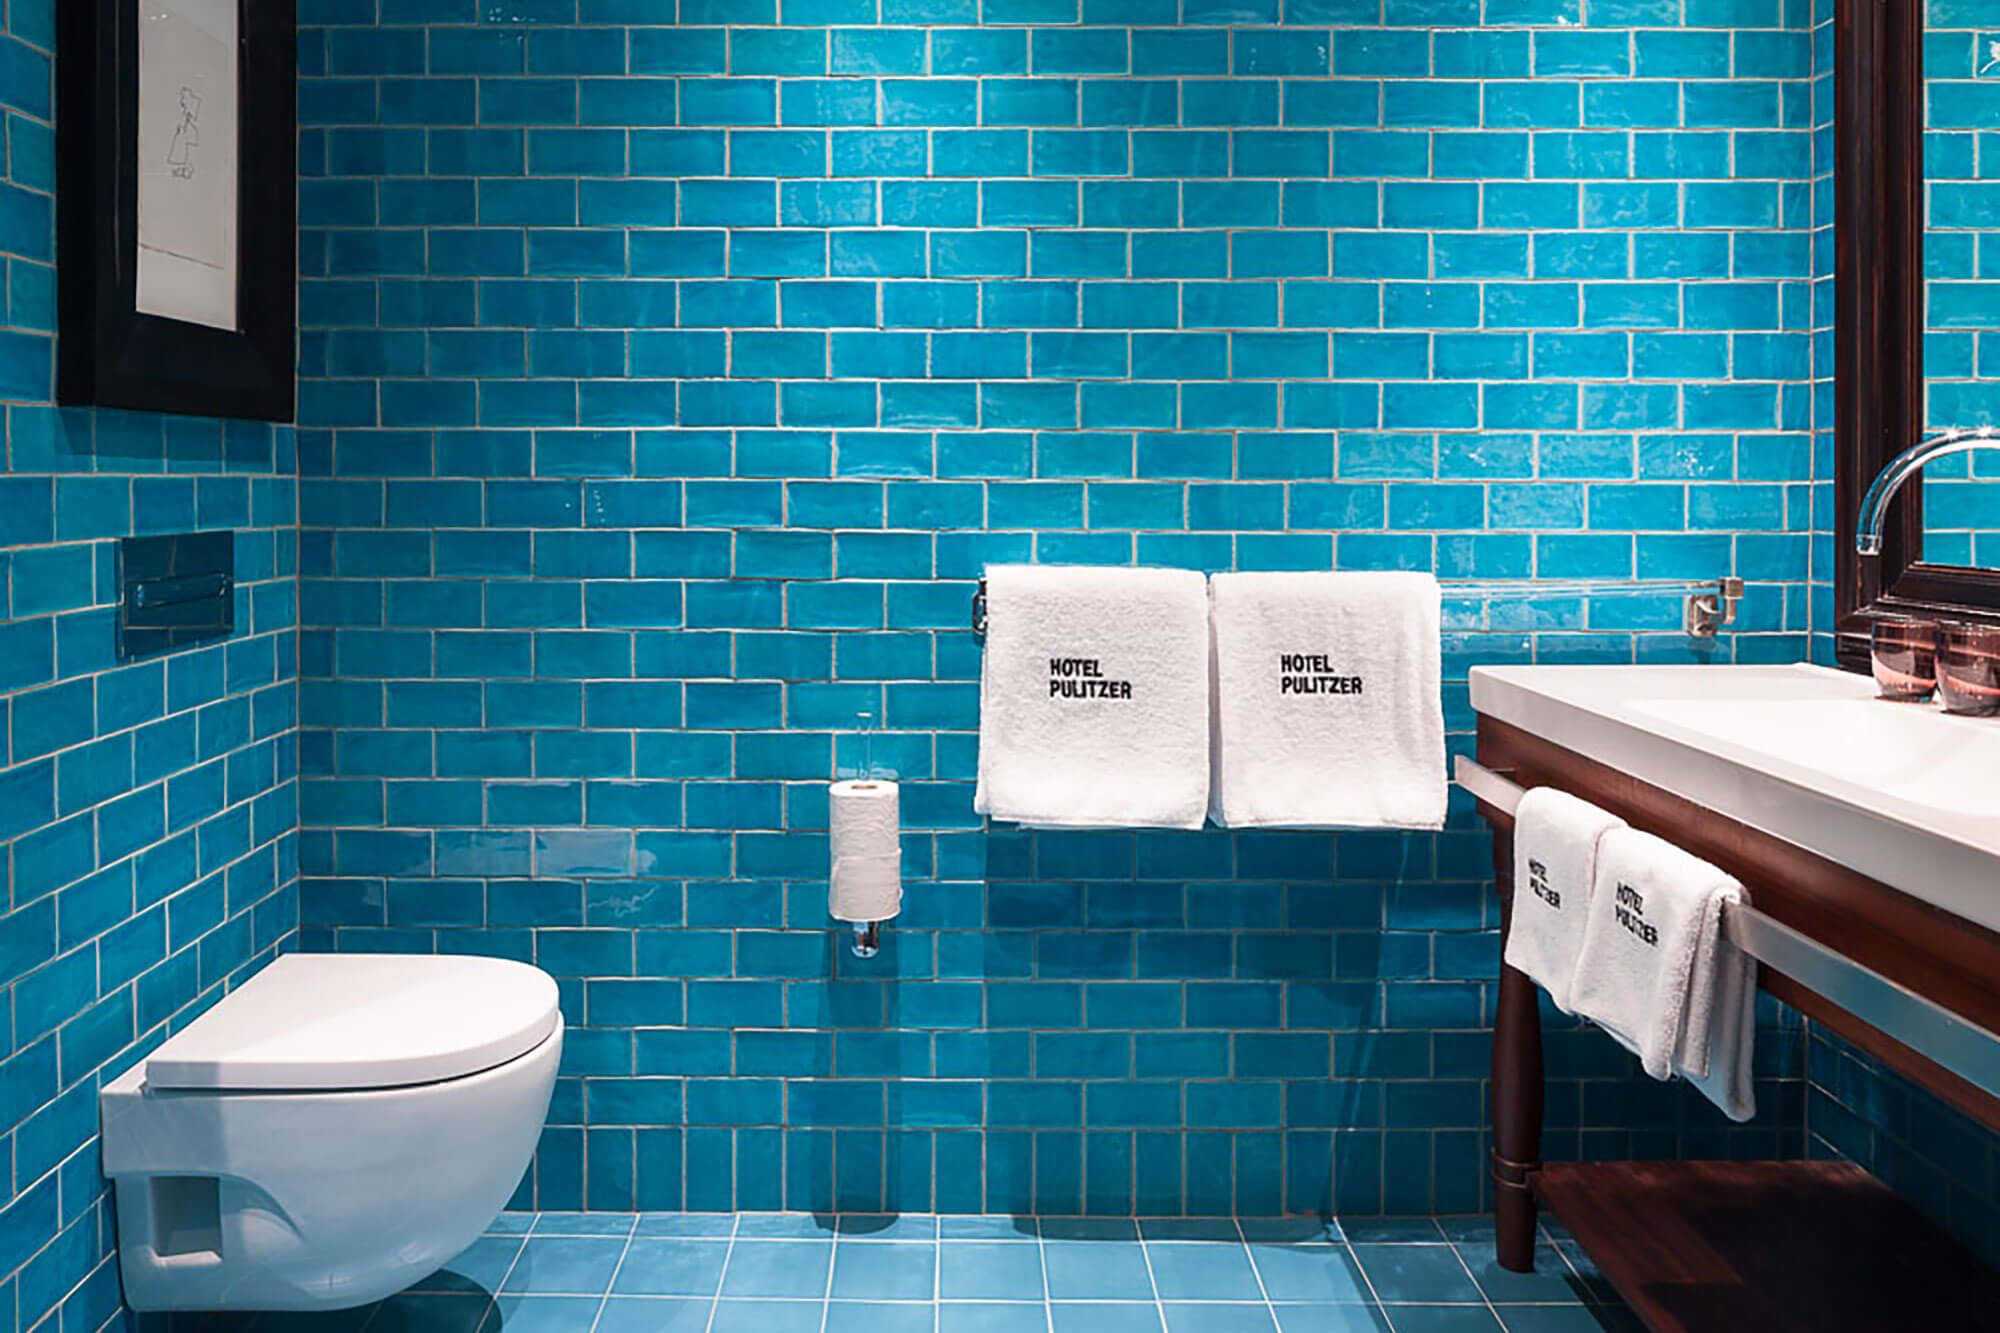 reforma bano Hotel Pulitzer Bano - Reformas de Salones